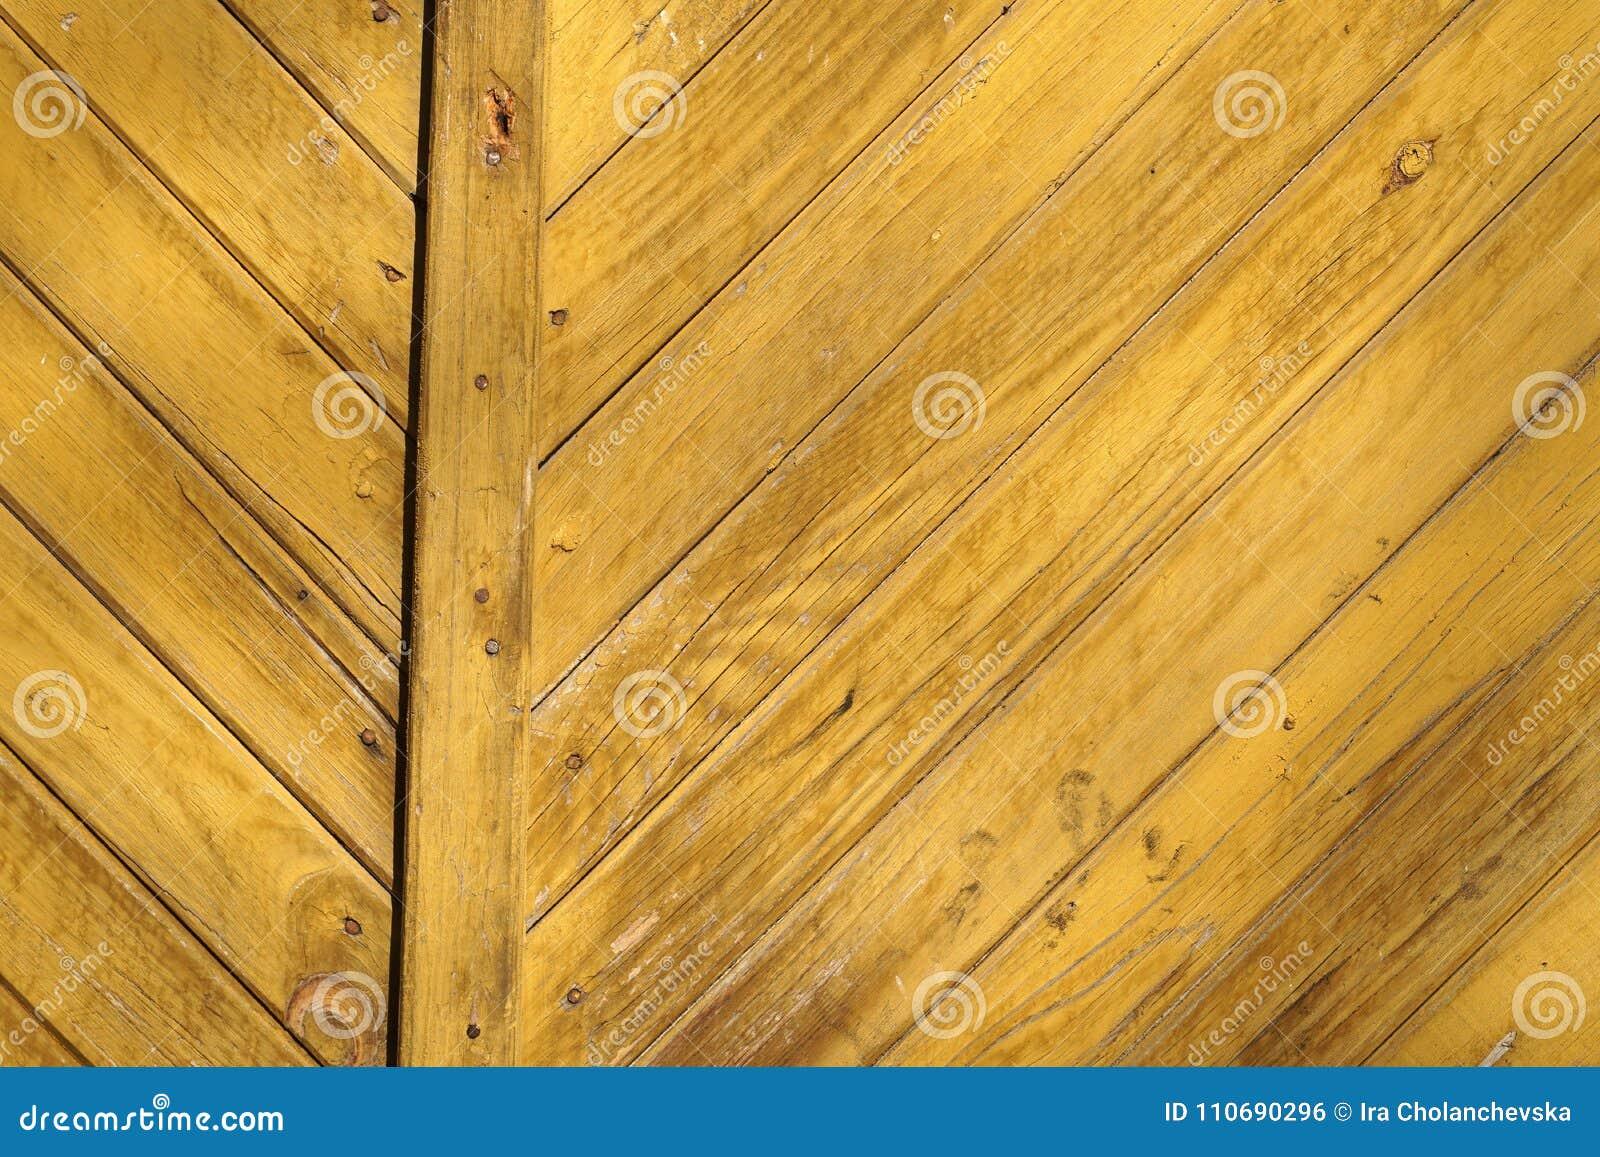 wood garage door texture. Old Wooden Garage Door Detail Wood Texture U